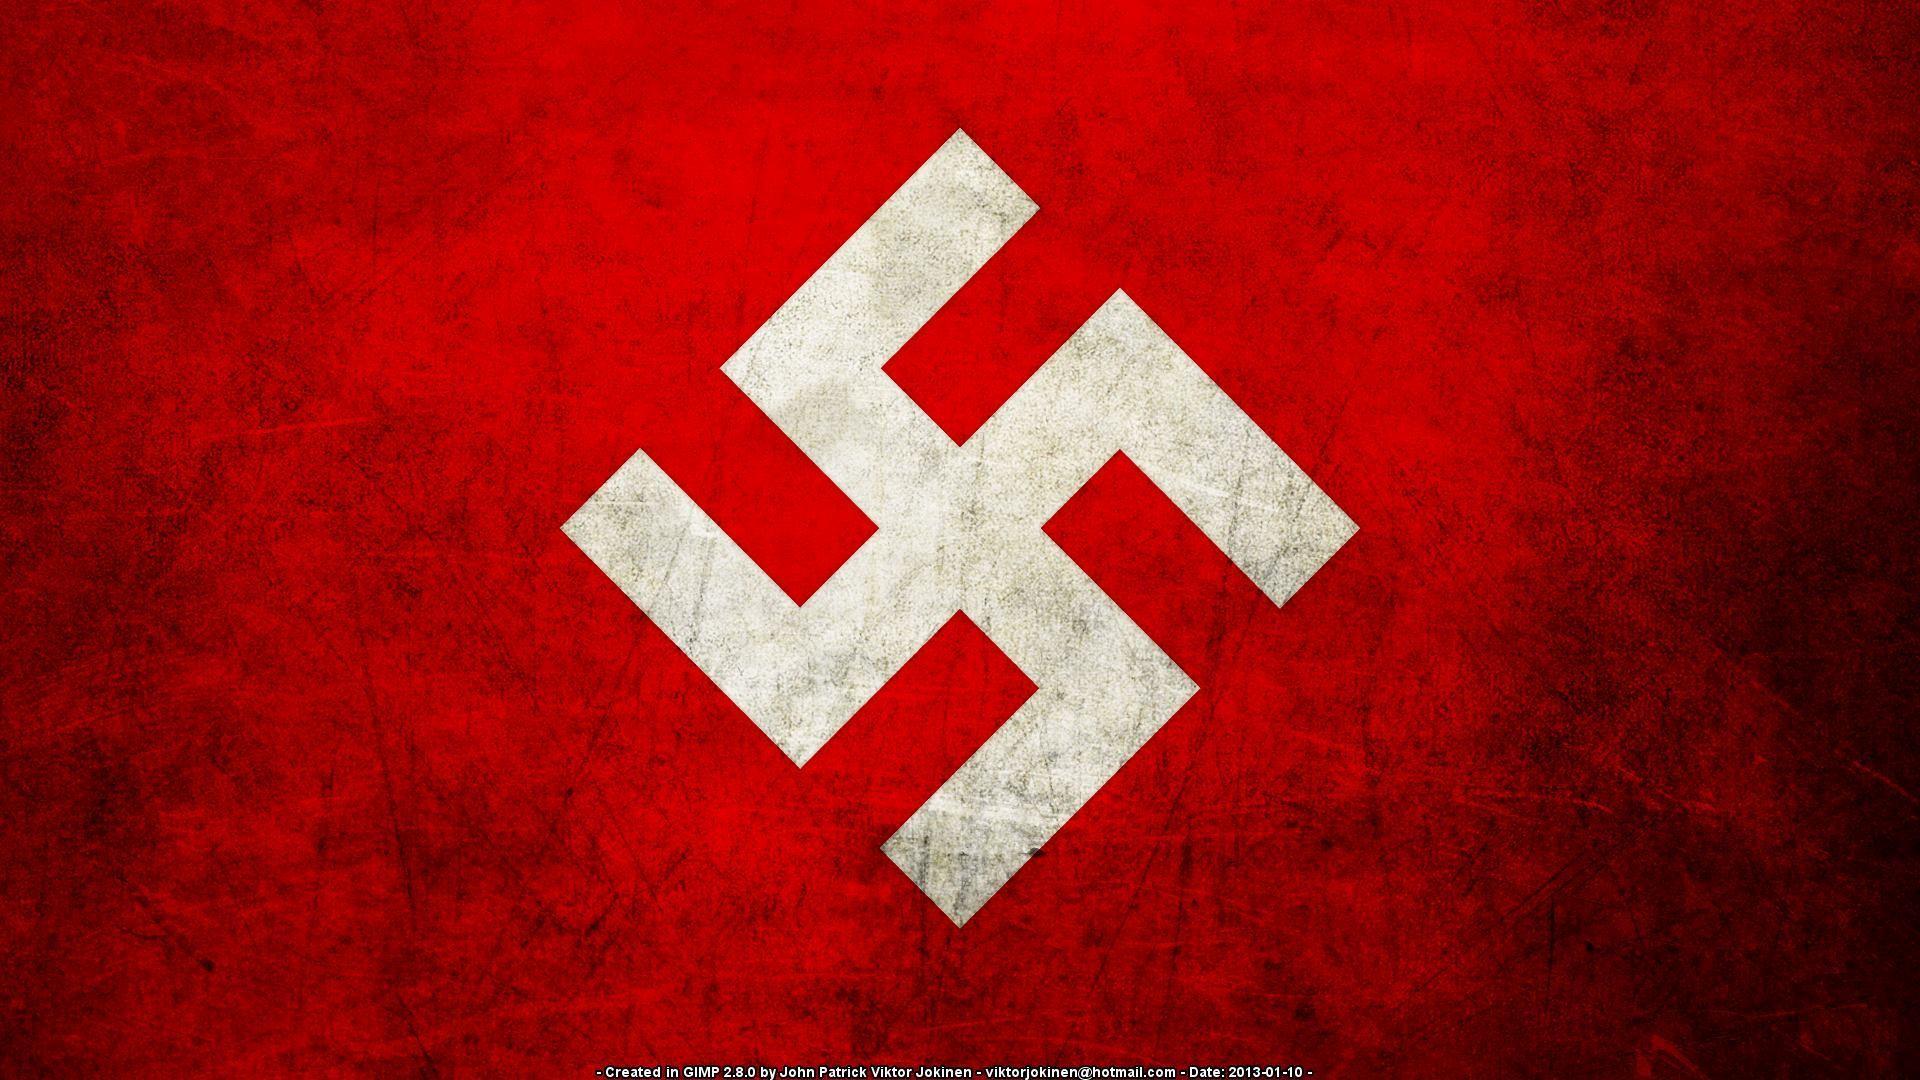 Confederate Flag Wallpaper Hd Swastika Eagle Wallpaper 61 Images